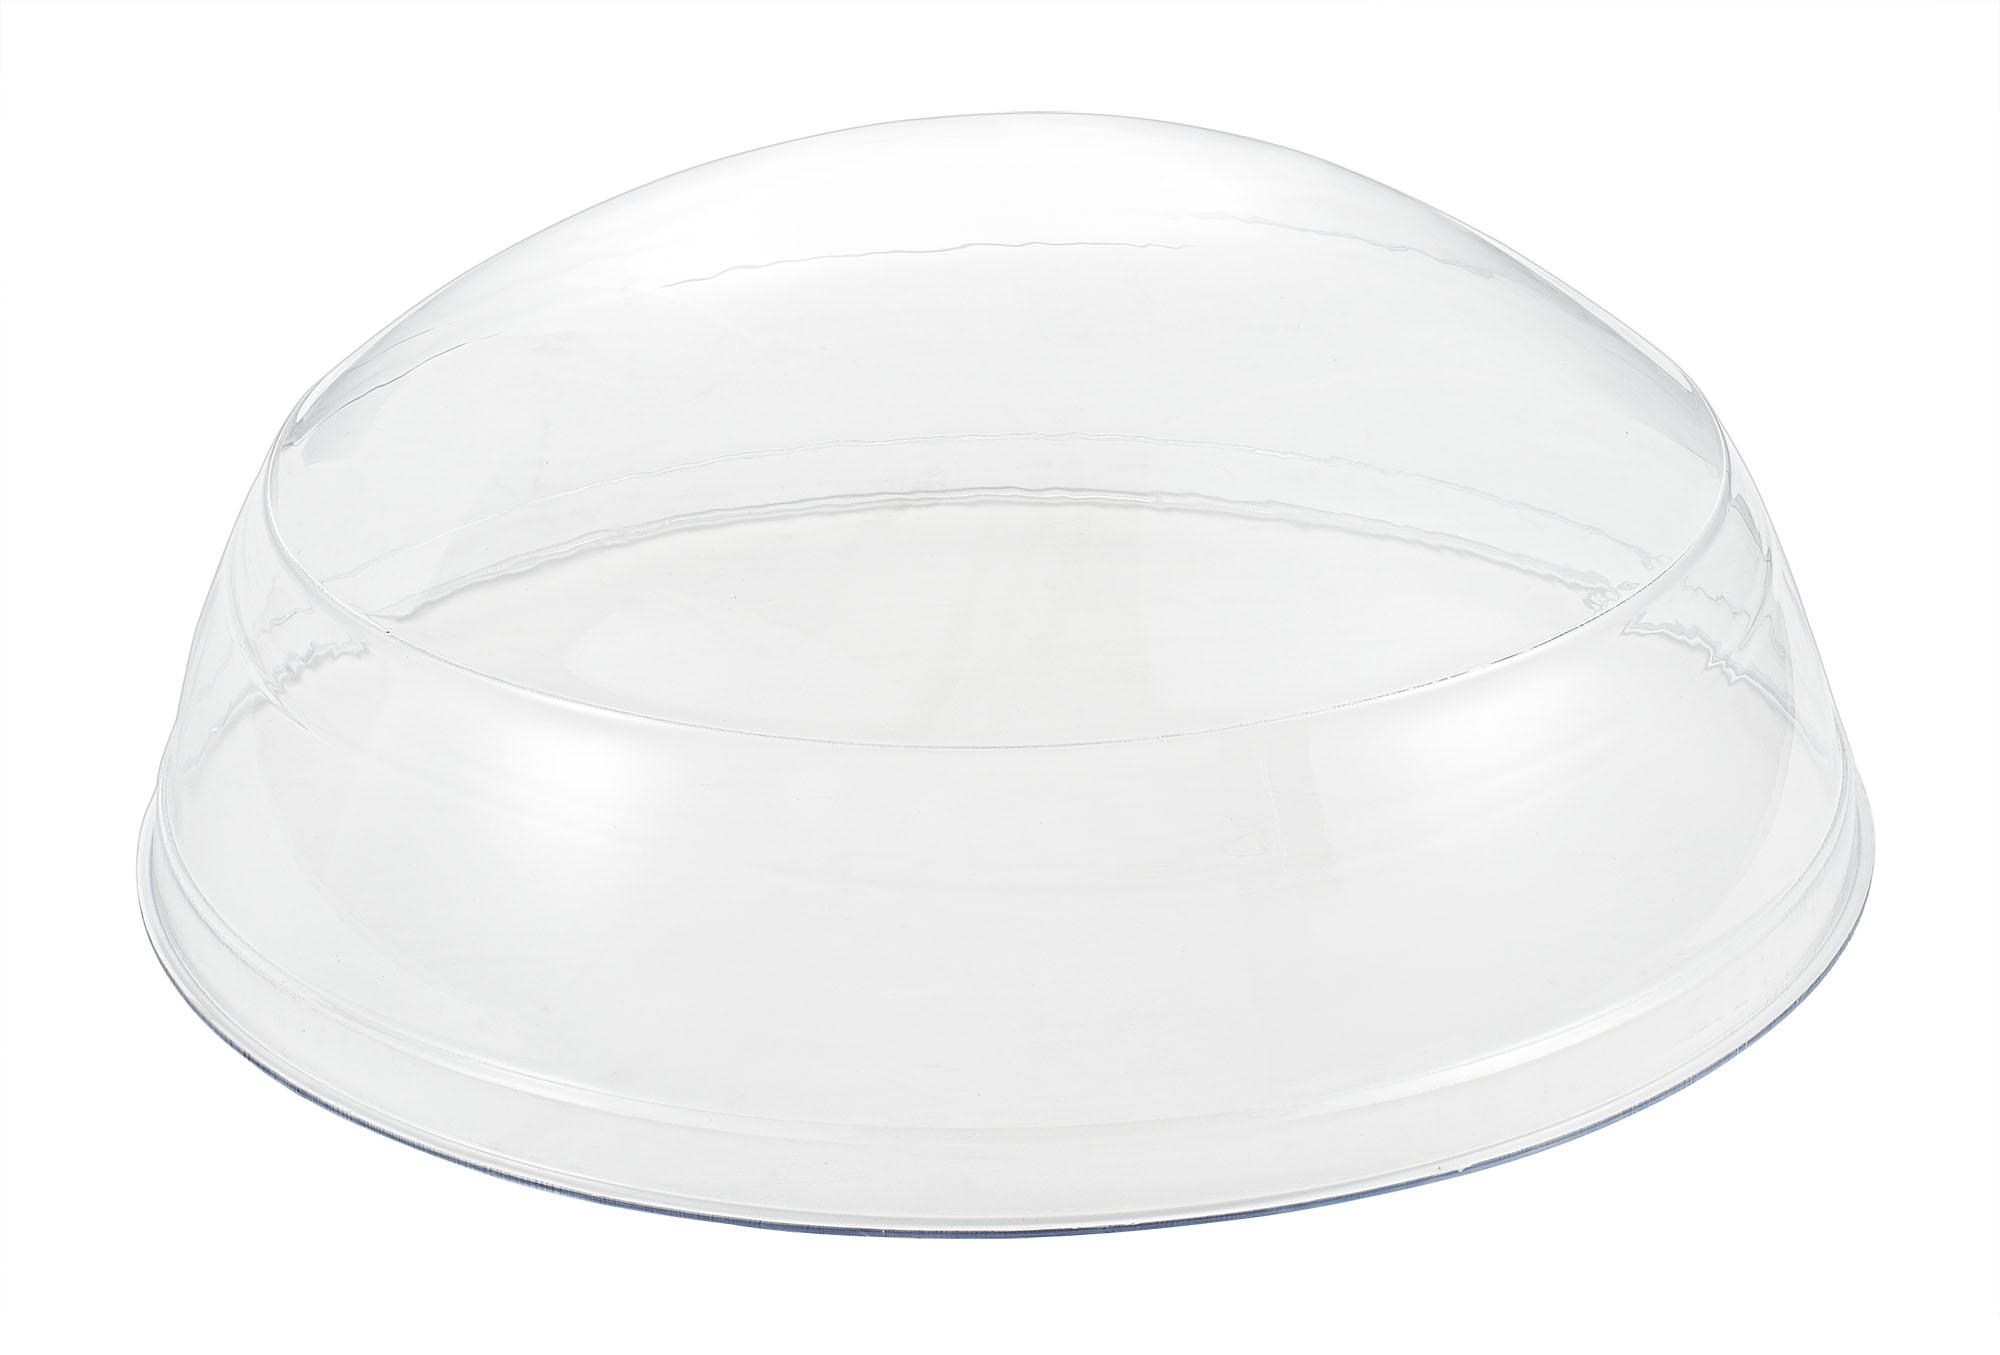 半球形采光罩- 自然光照明系统